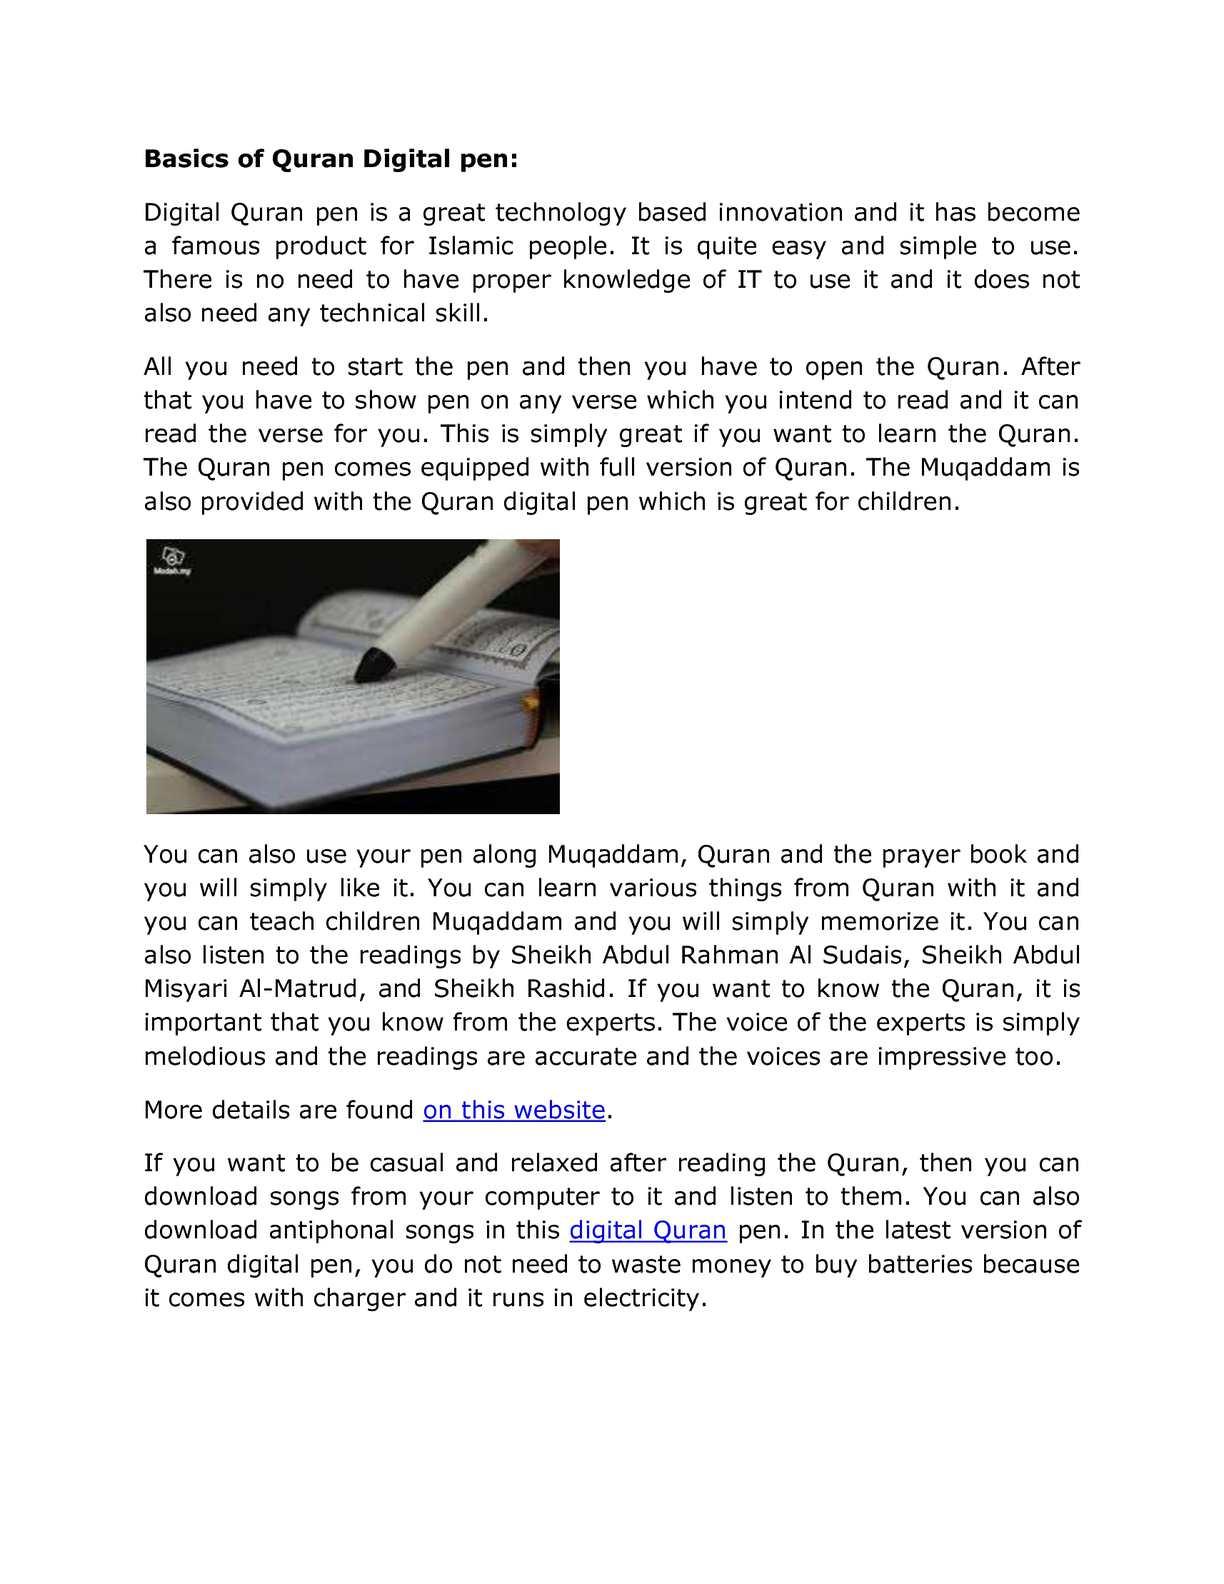 Calaméo - Basics of Quran Digital pen: